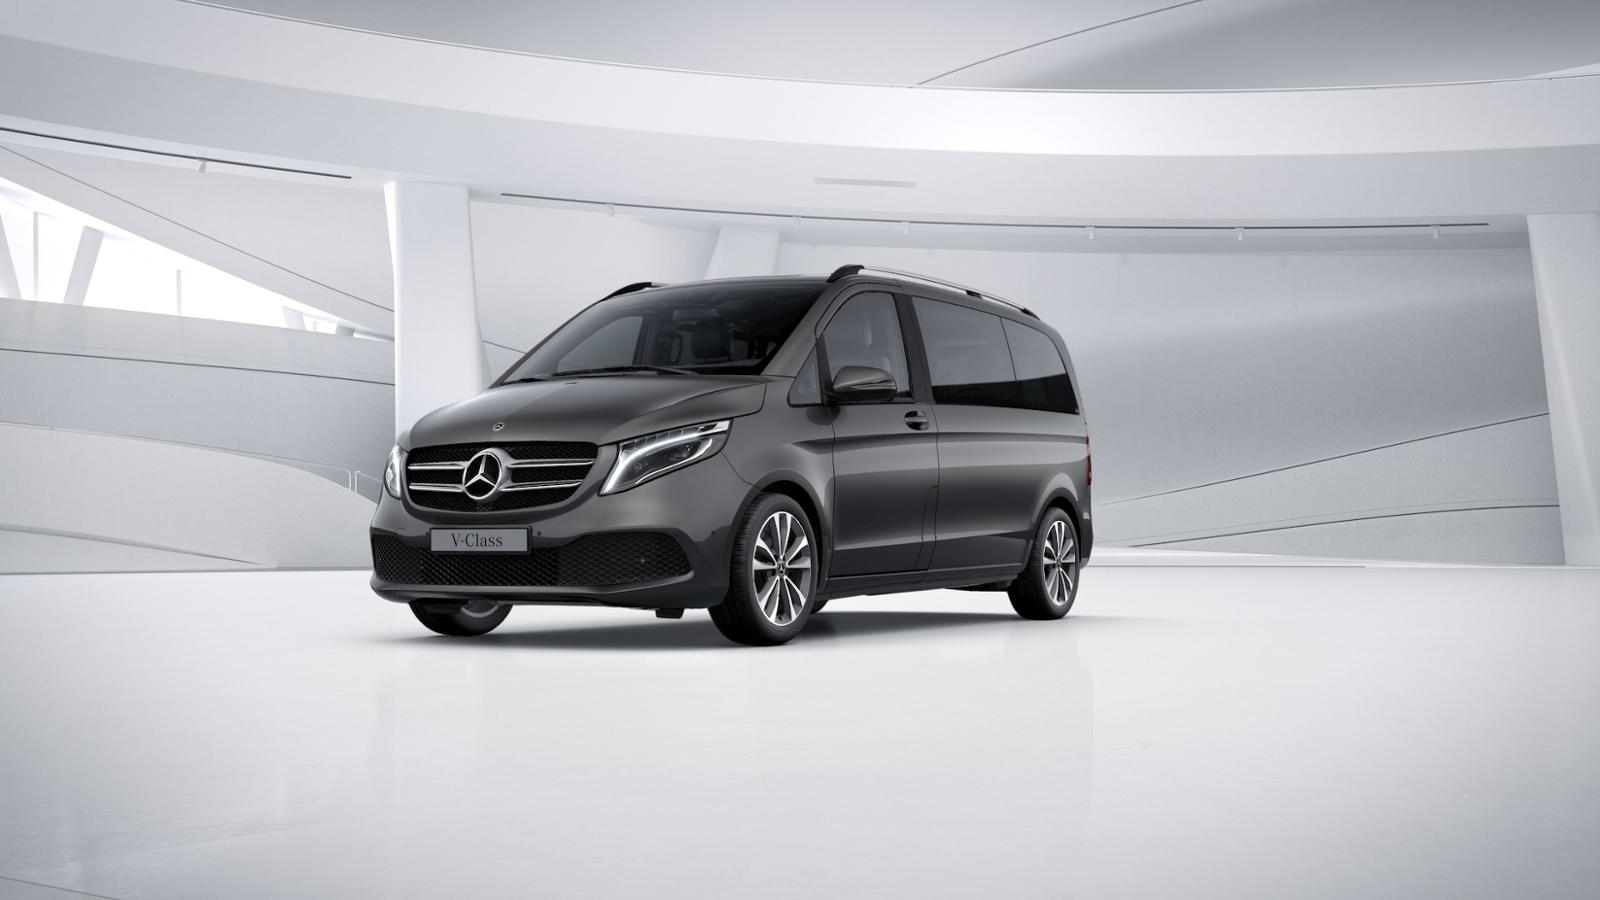 Mercedes-Benz V 250 Kompakt AHK Navi 9-Gang LED Spur-P. SHZ, Jahr 2019, Diesel